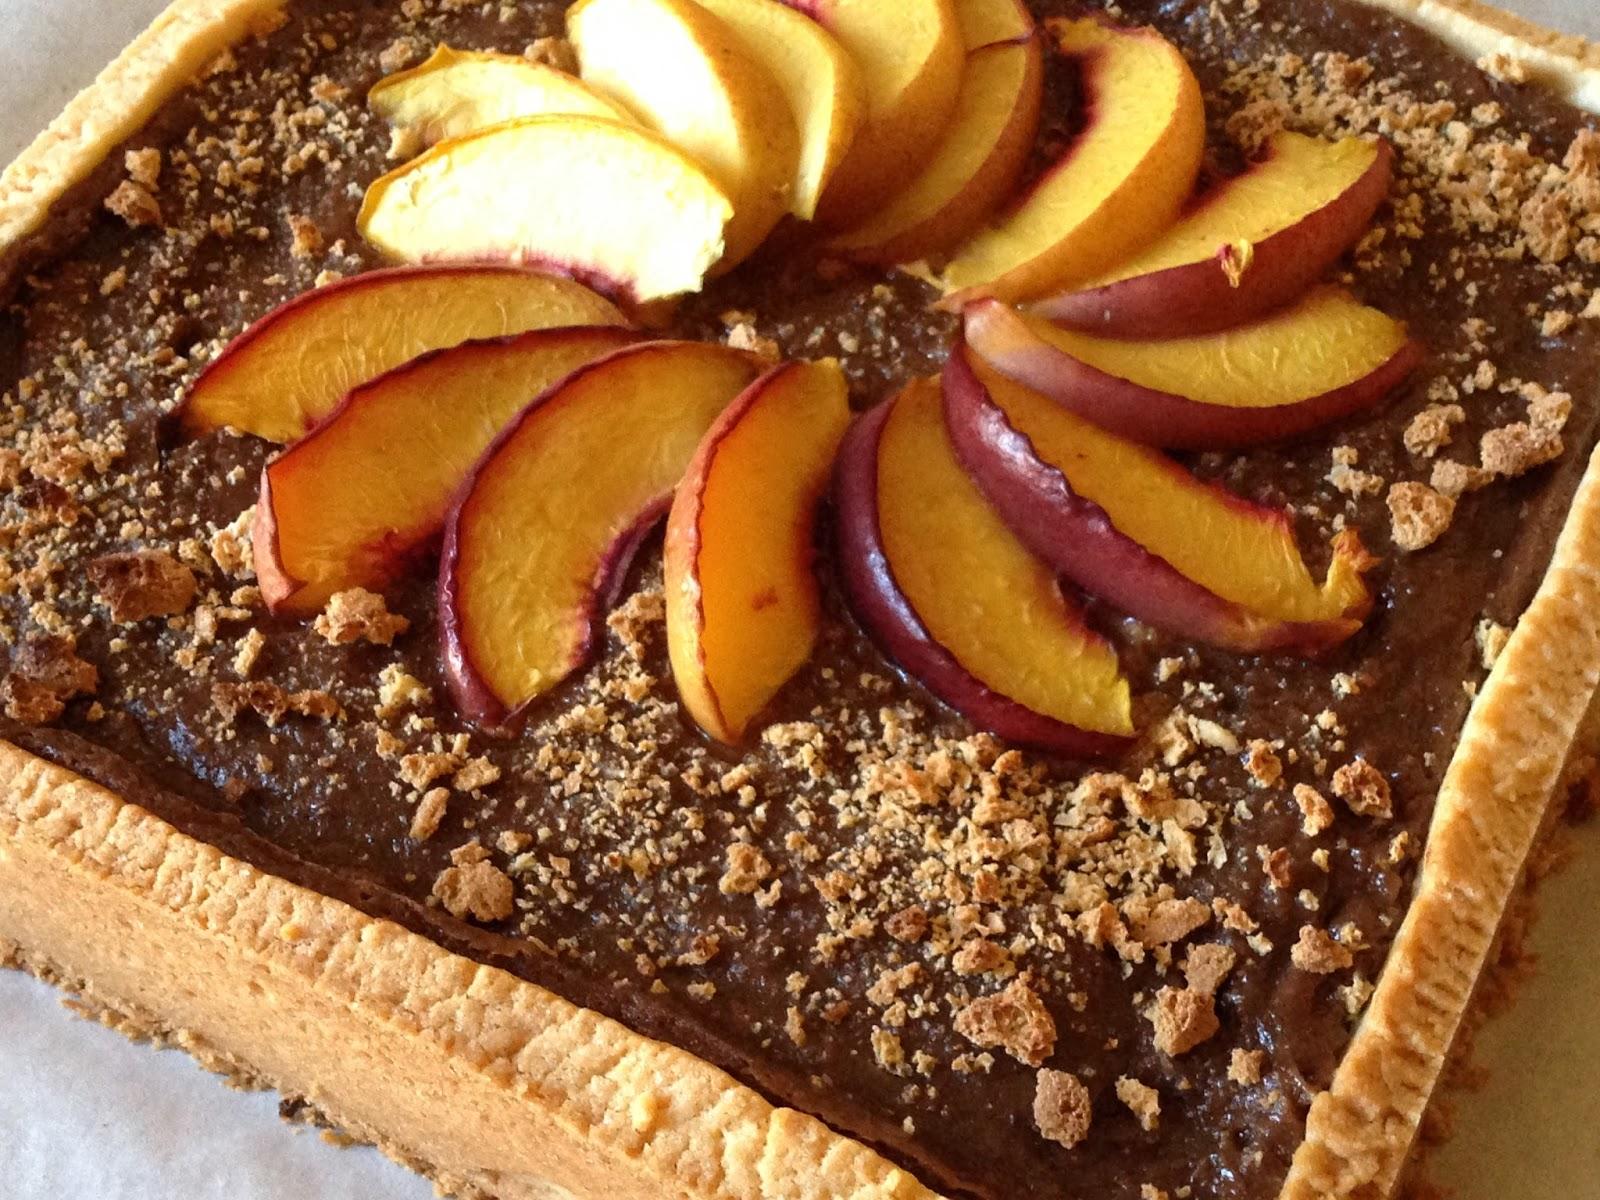 Torte Da Credenza Montersino : Crostata carre alle pesche cioccolato e amaretti di luca montersino